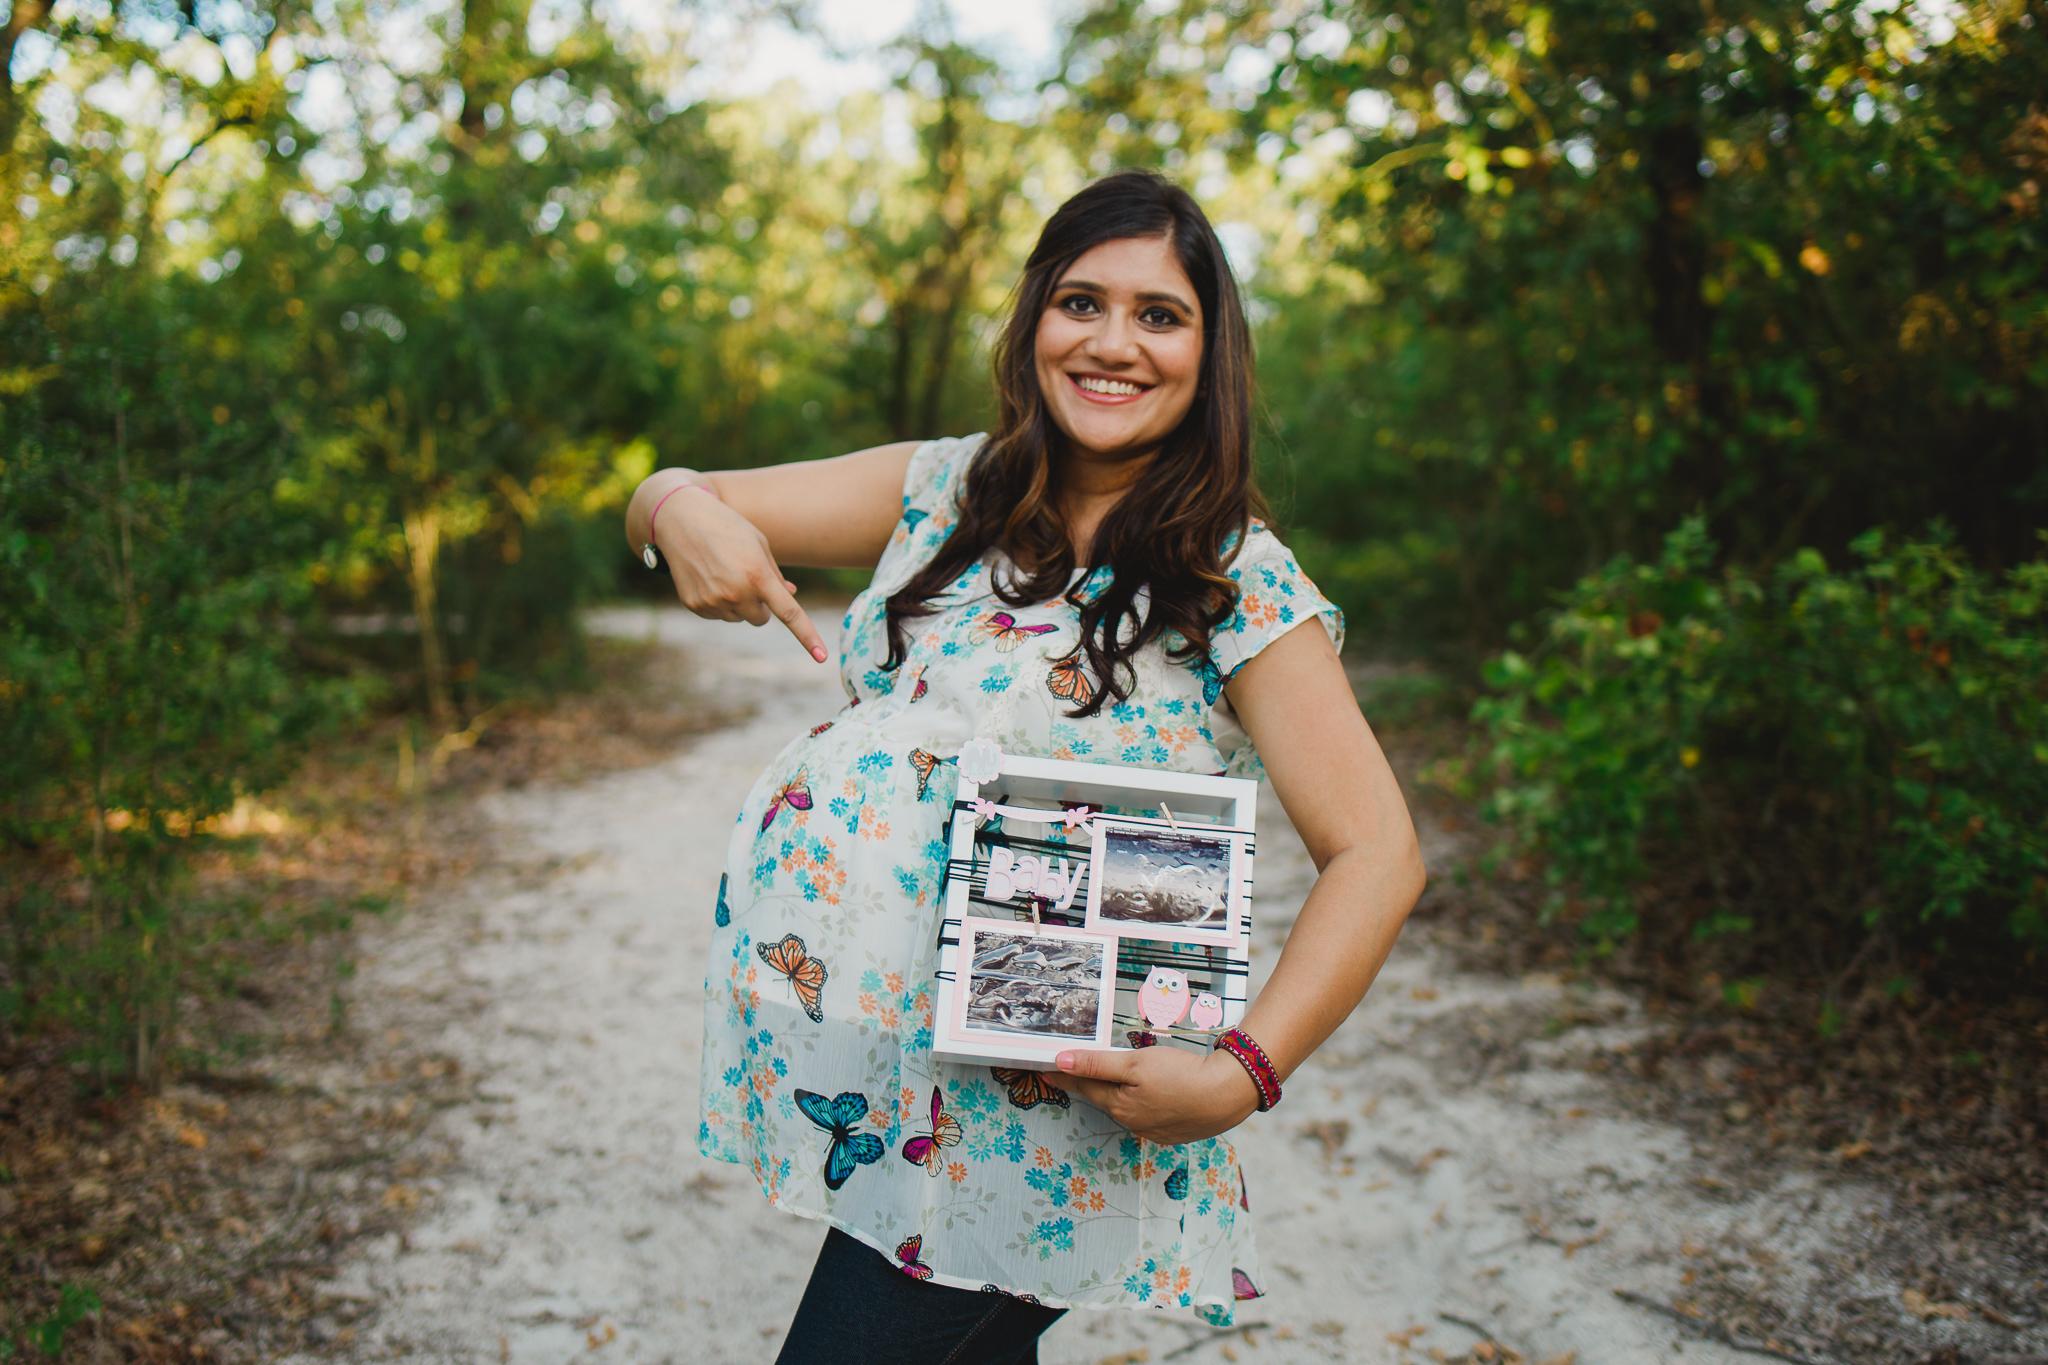 elizalde photography - maternity session - maternity photography - denton photographer --10.jpg